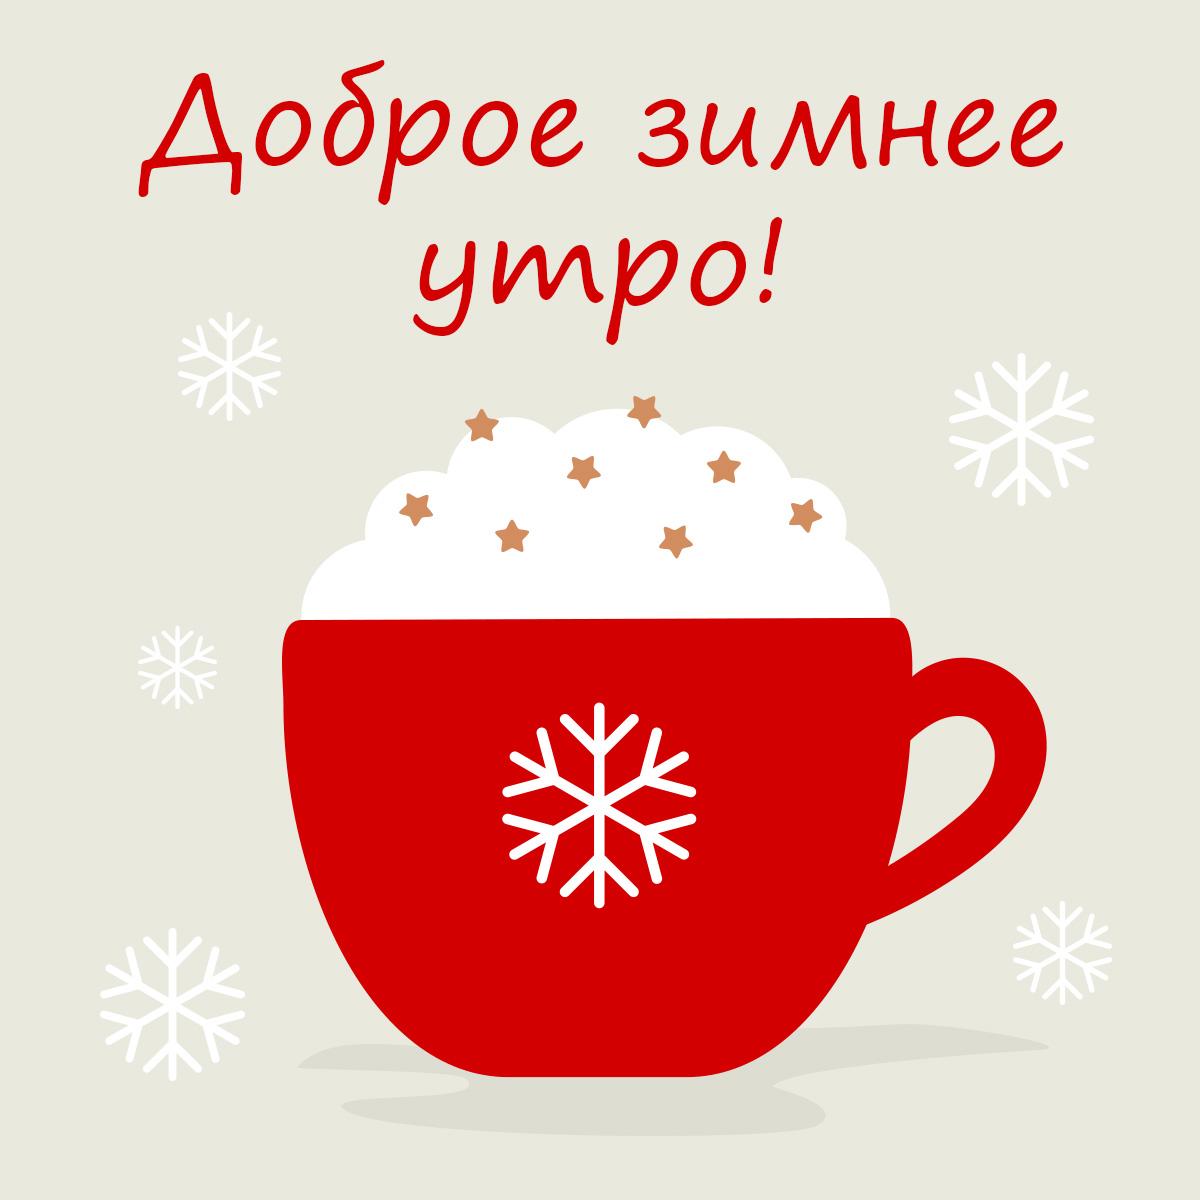 Картинка доброе зимнее утро с красной чашкой кофе на фоне со снежинками.